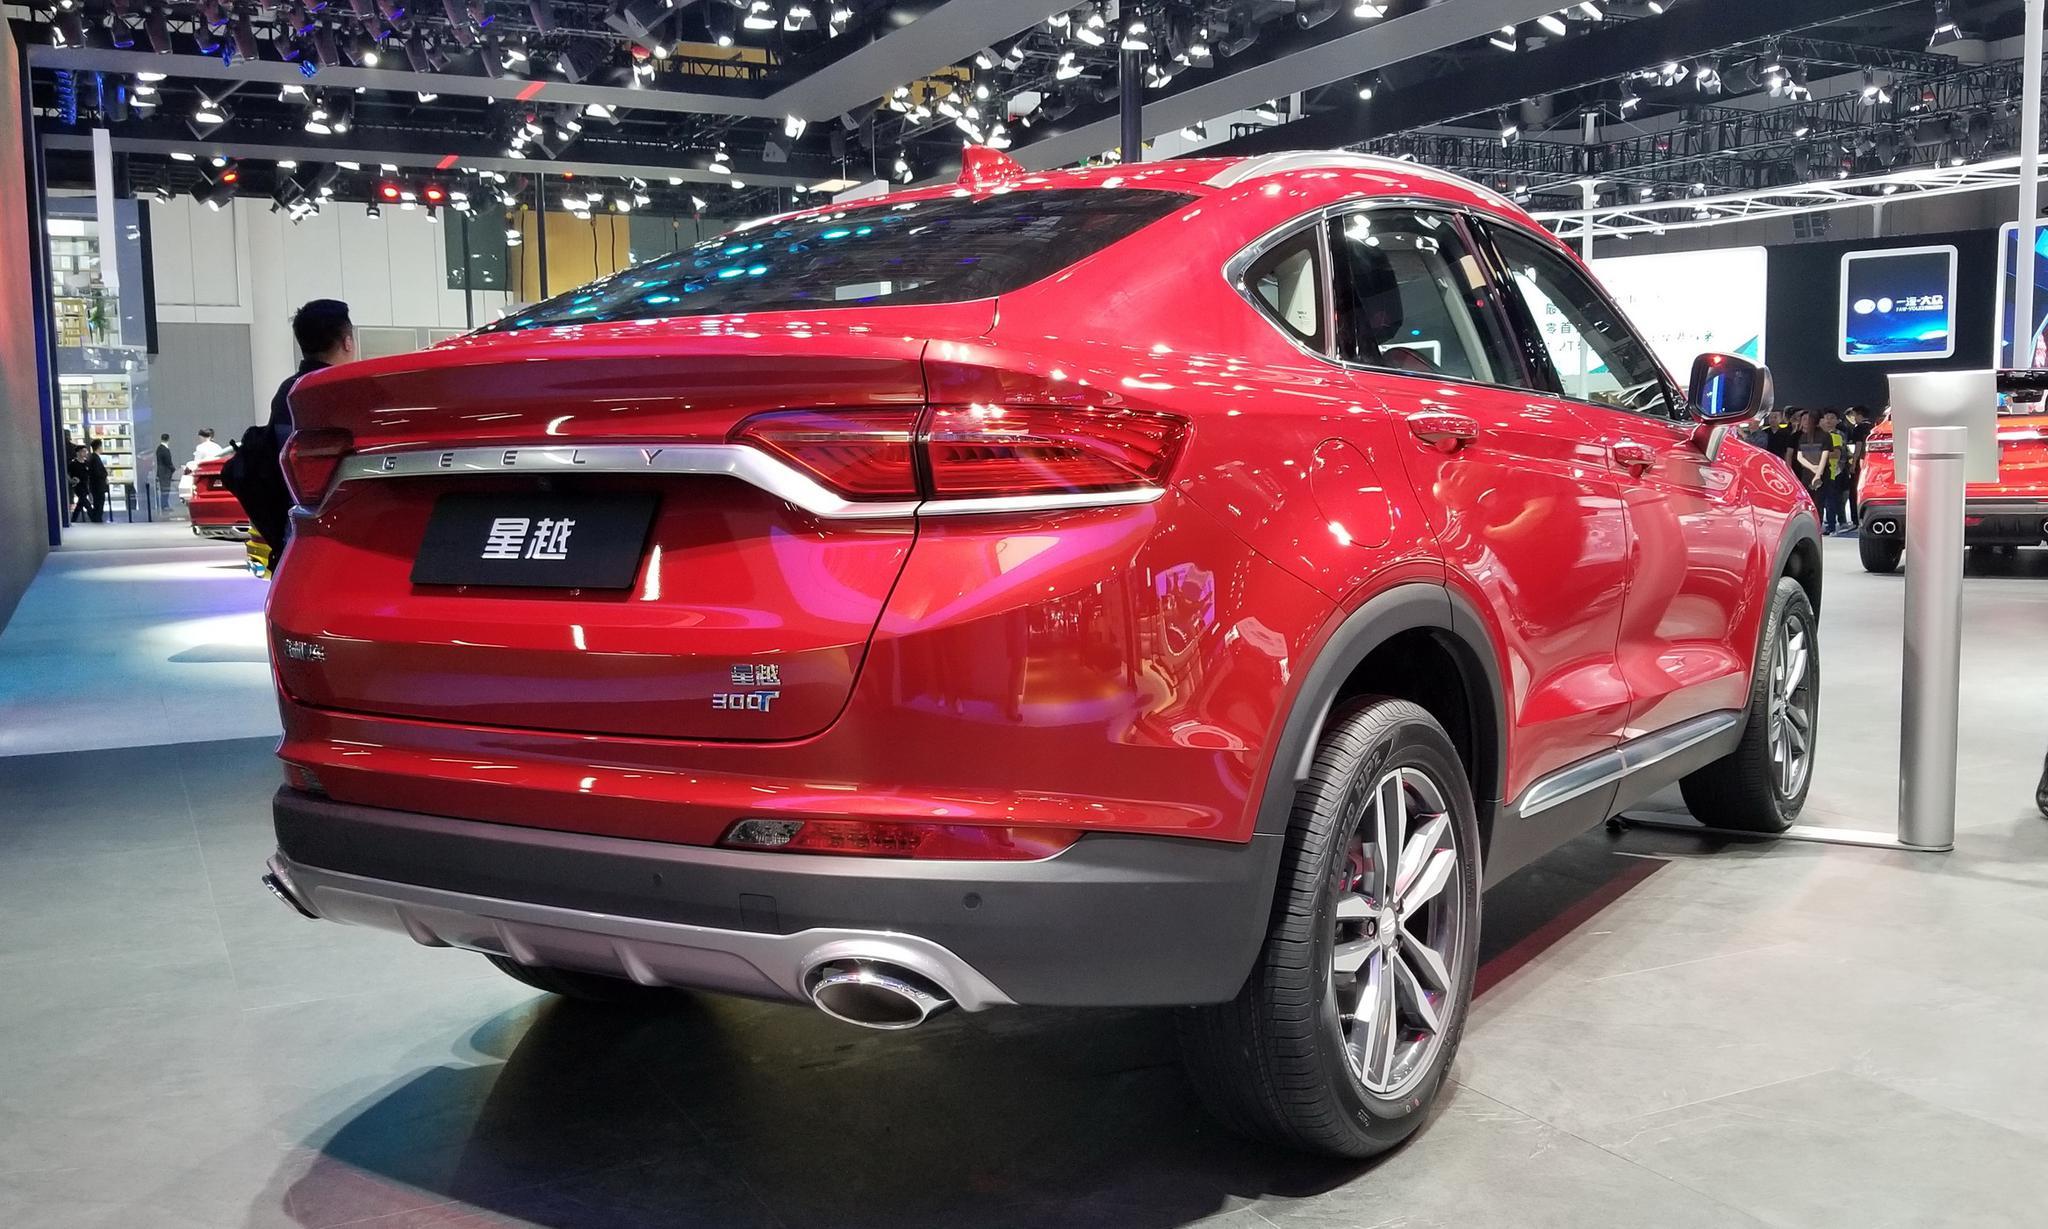 最具性价比的Coupe SUV,吉利星越300T耀星者